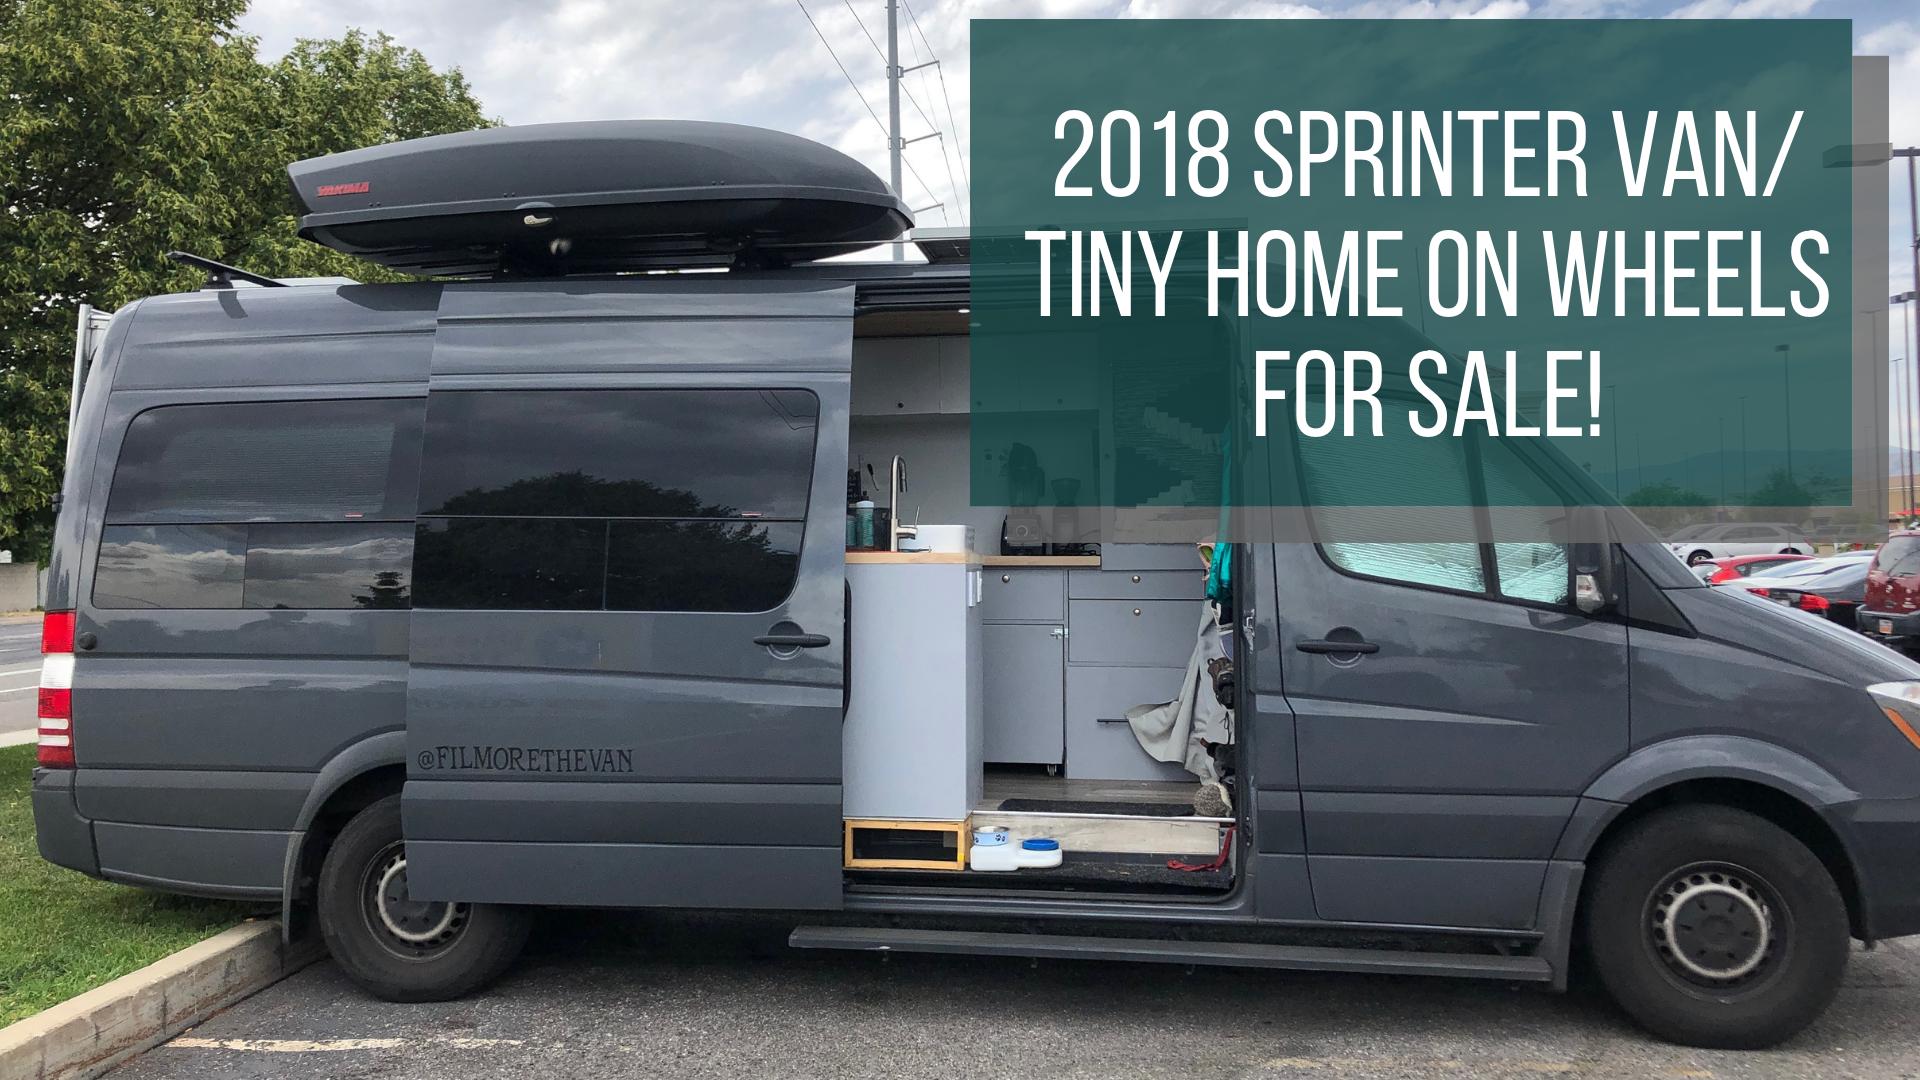 Van For Sale.png